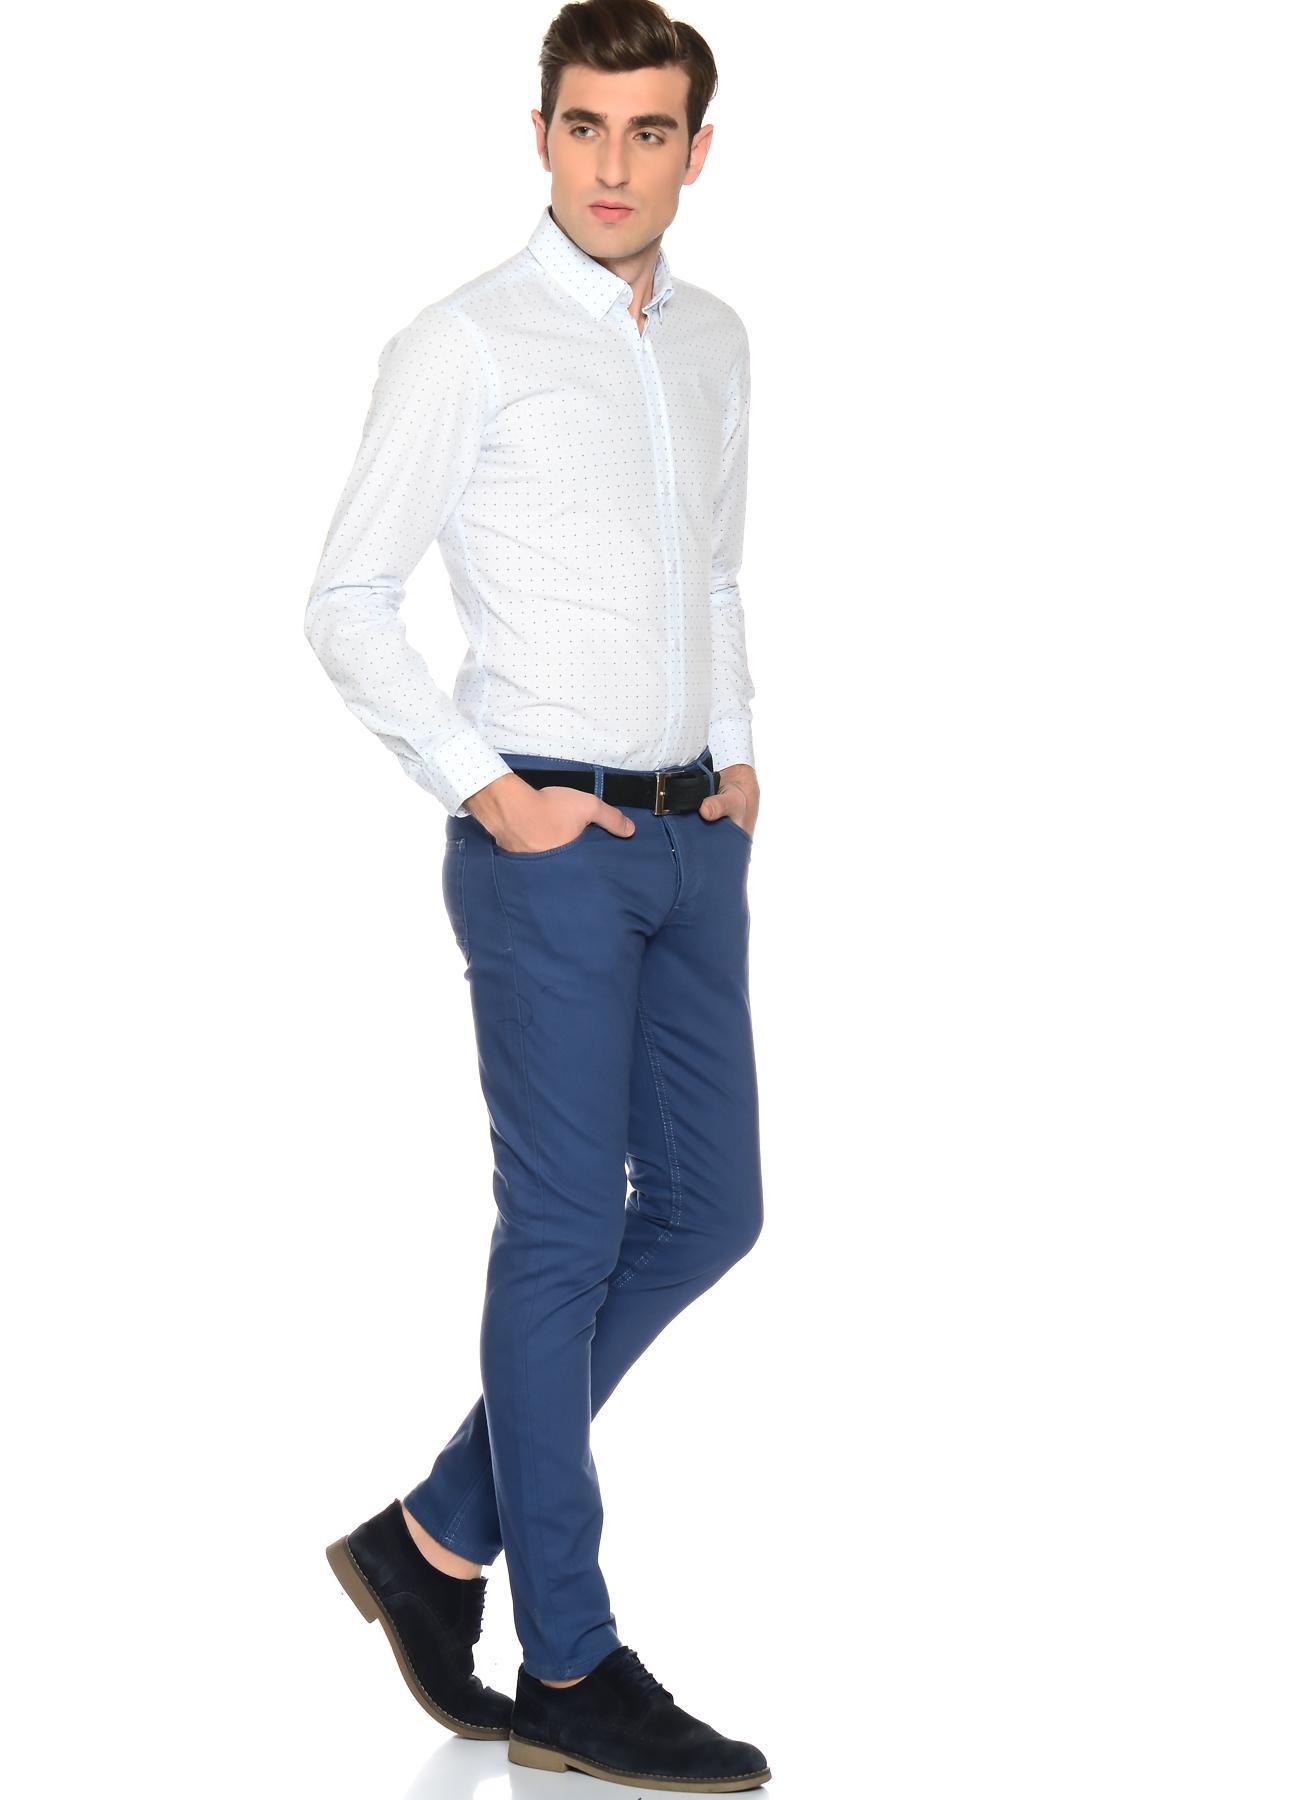 Loft Klasik Pantolon 34-34 5000145719026 Ürün Resmi